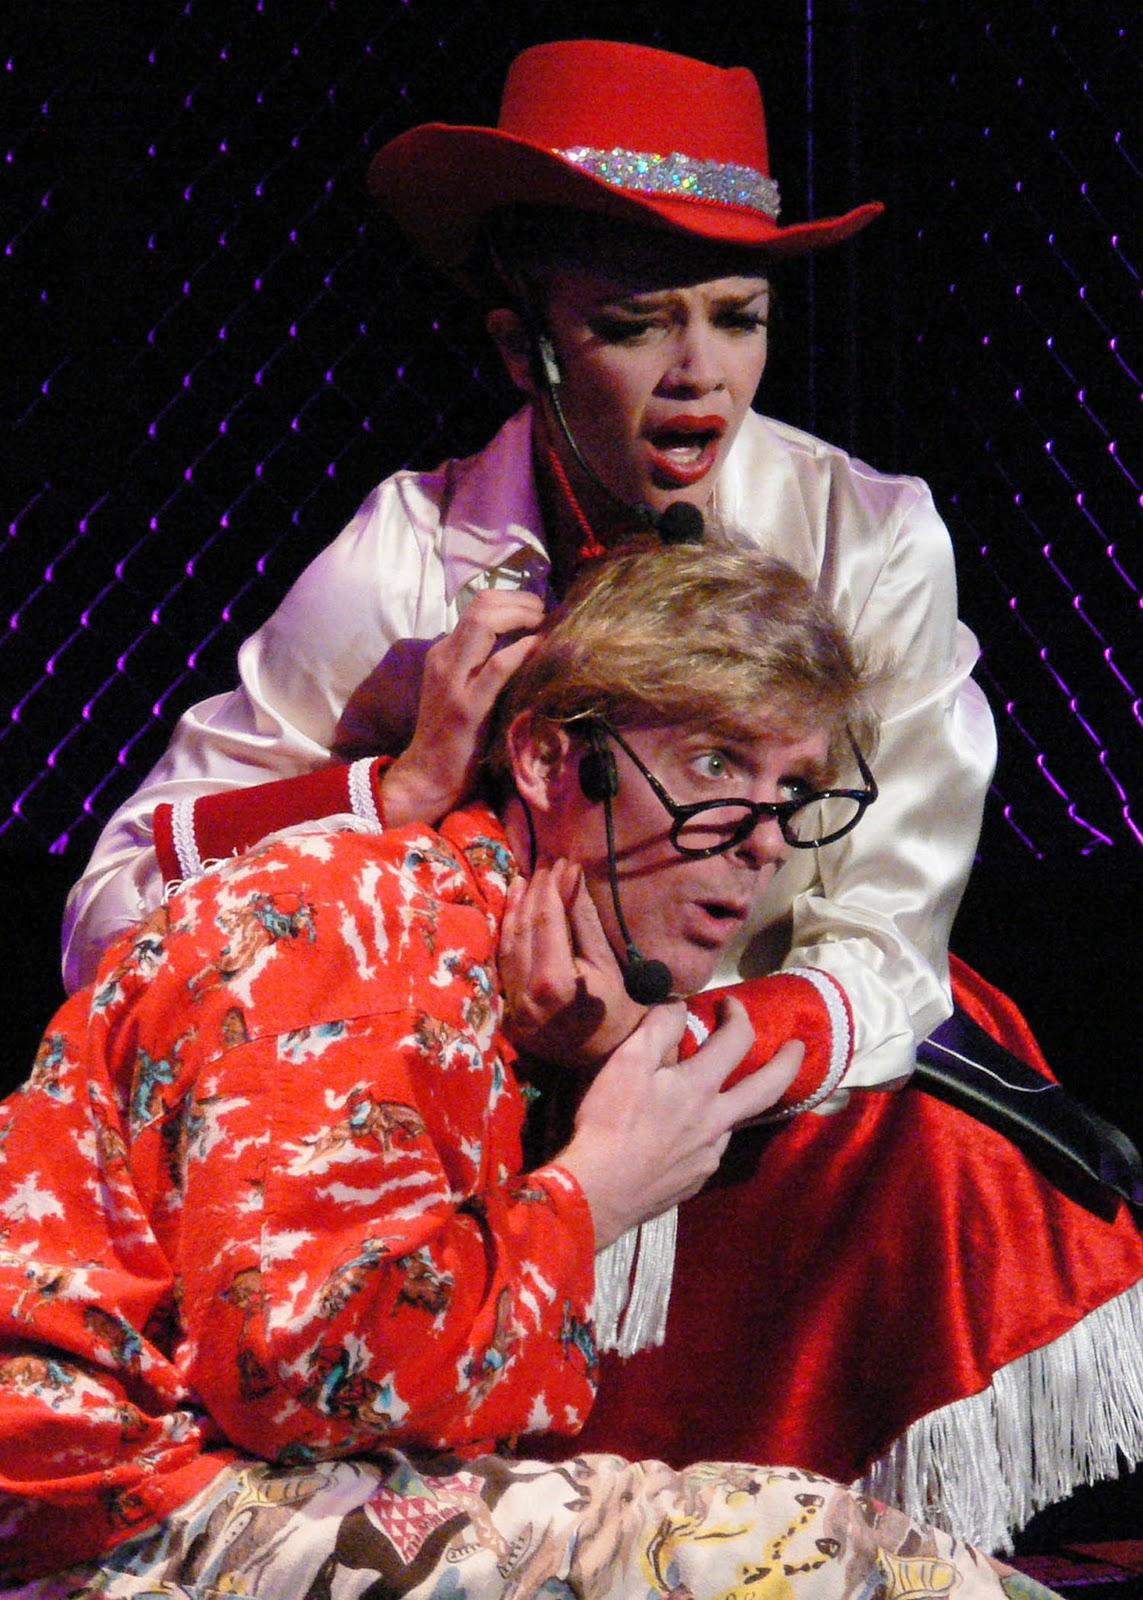 http://3.bp.blogspot.com/-wYWAEQ700-g/TufUOgLpHyI/AAAAAAAAAu4/b50lL-XGOmY/s1600/Christmas+Westside+red.jpg